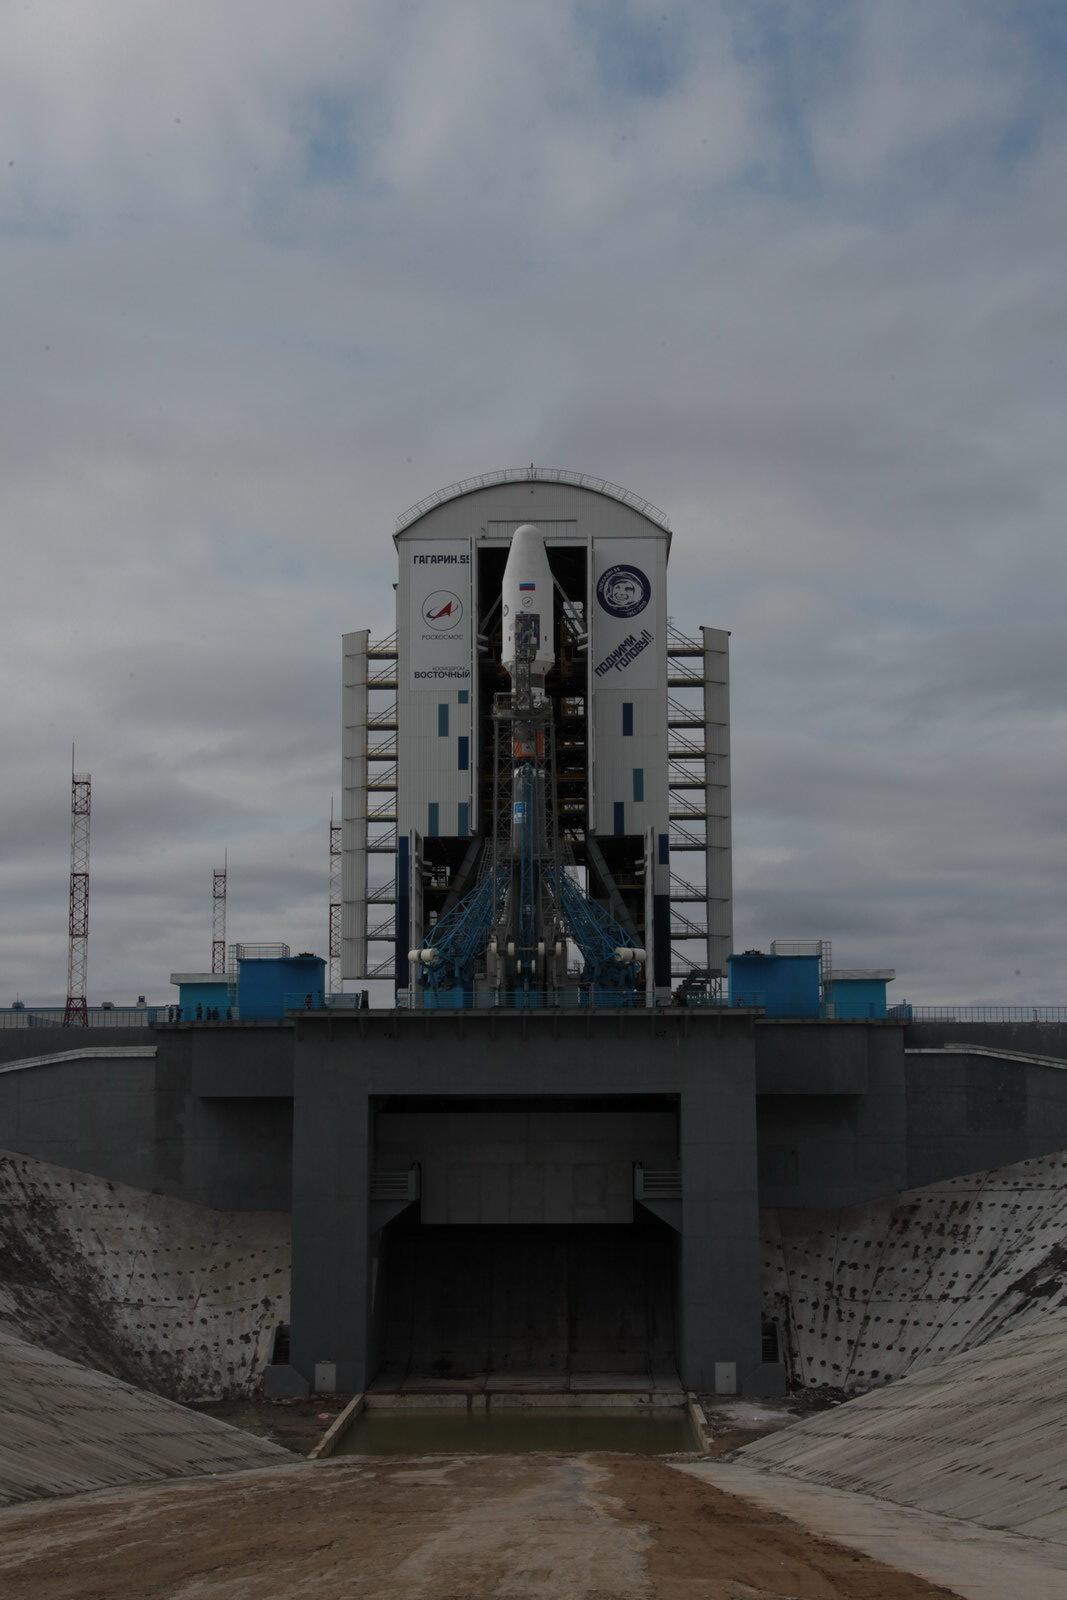 На космодроме Восточный установили ракету-носитель «Союз 2.1а» для первого запуска - 17